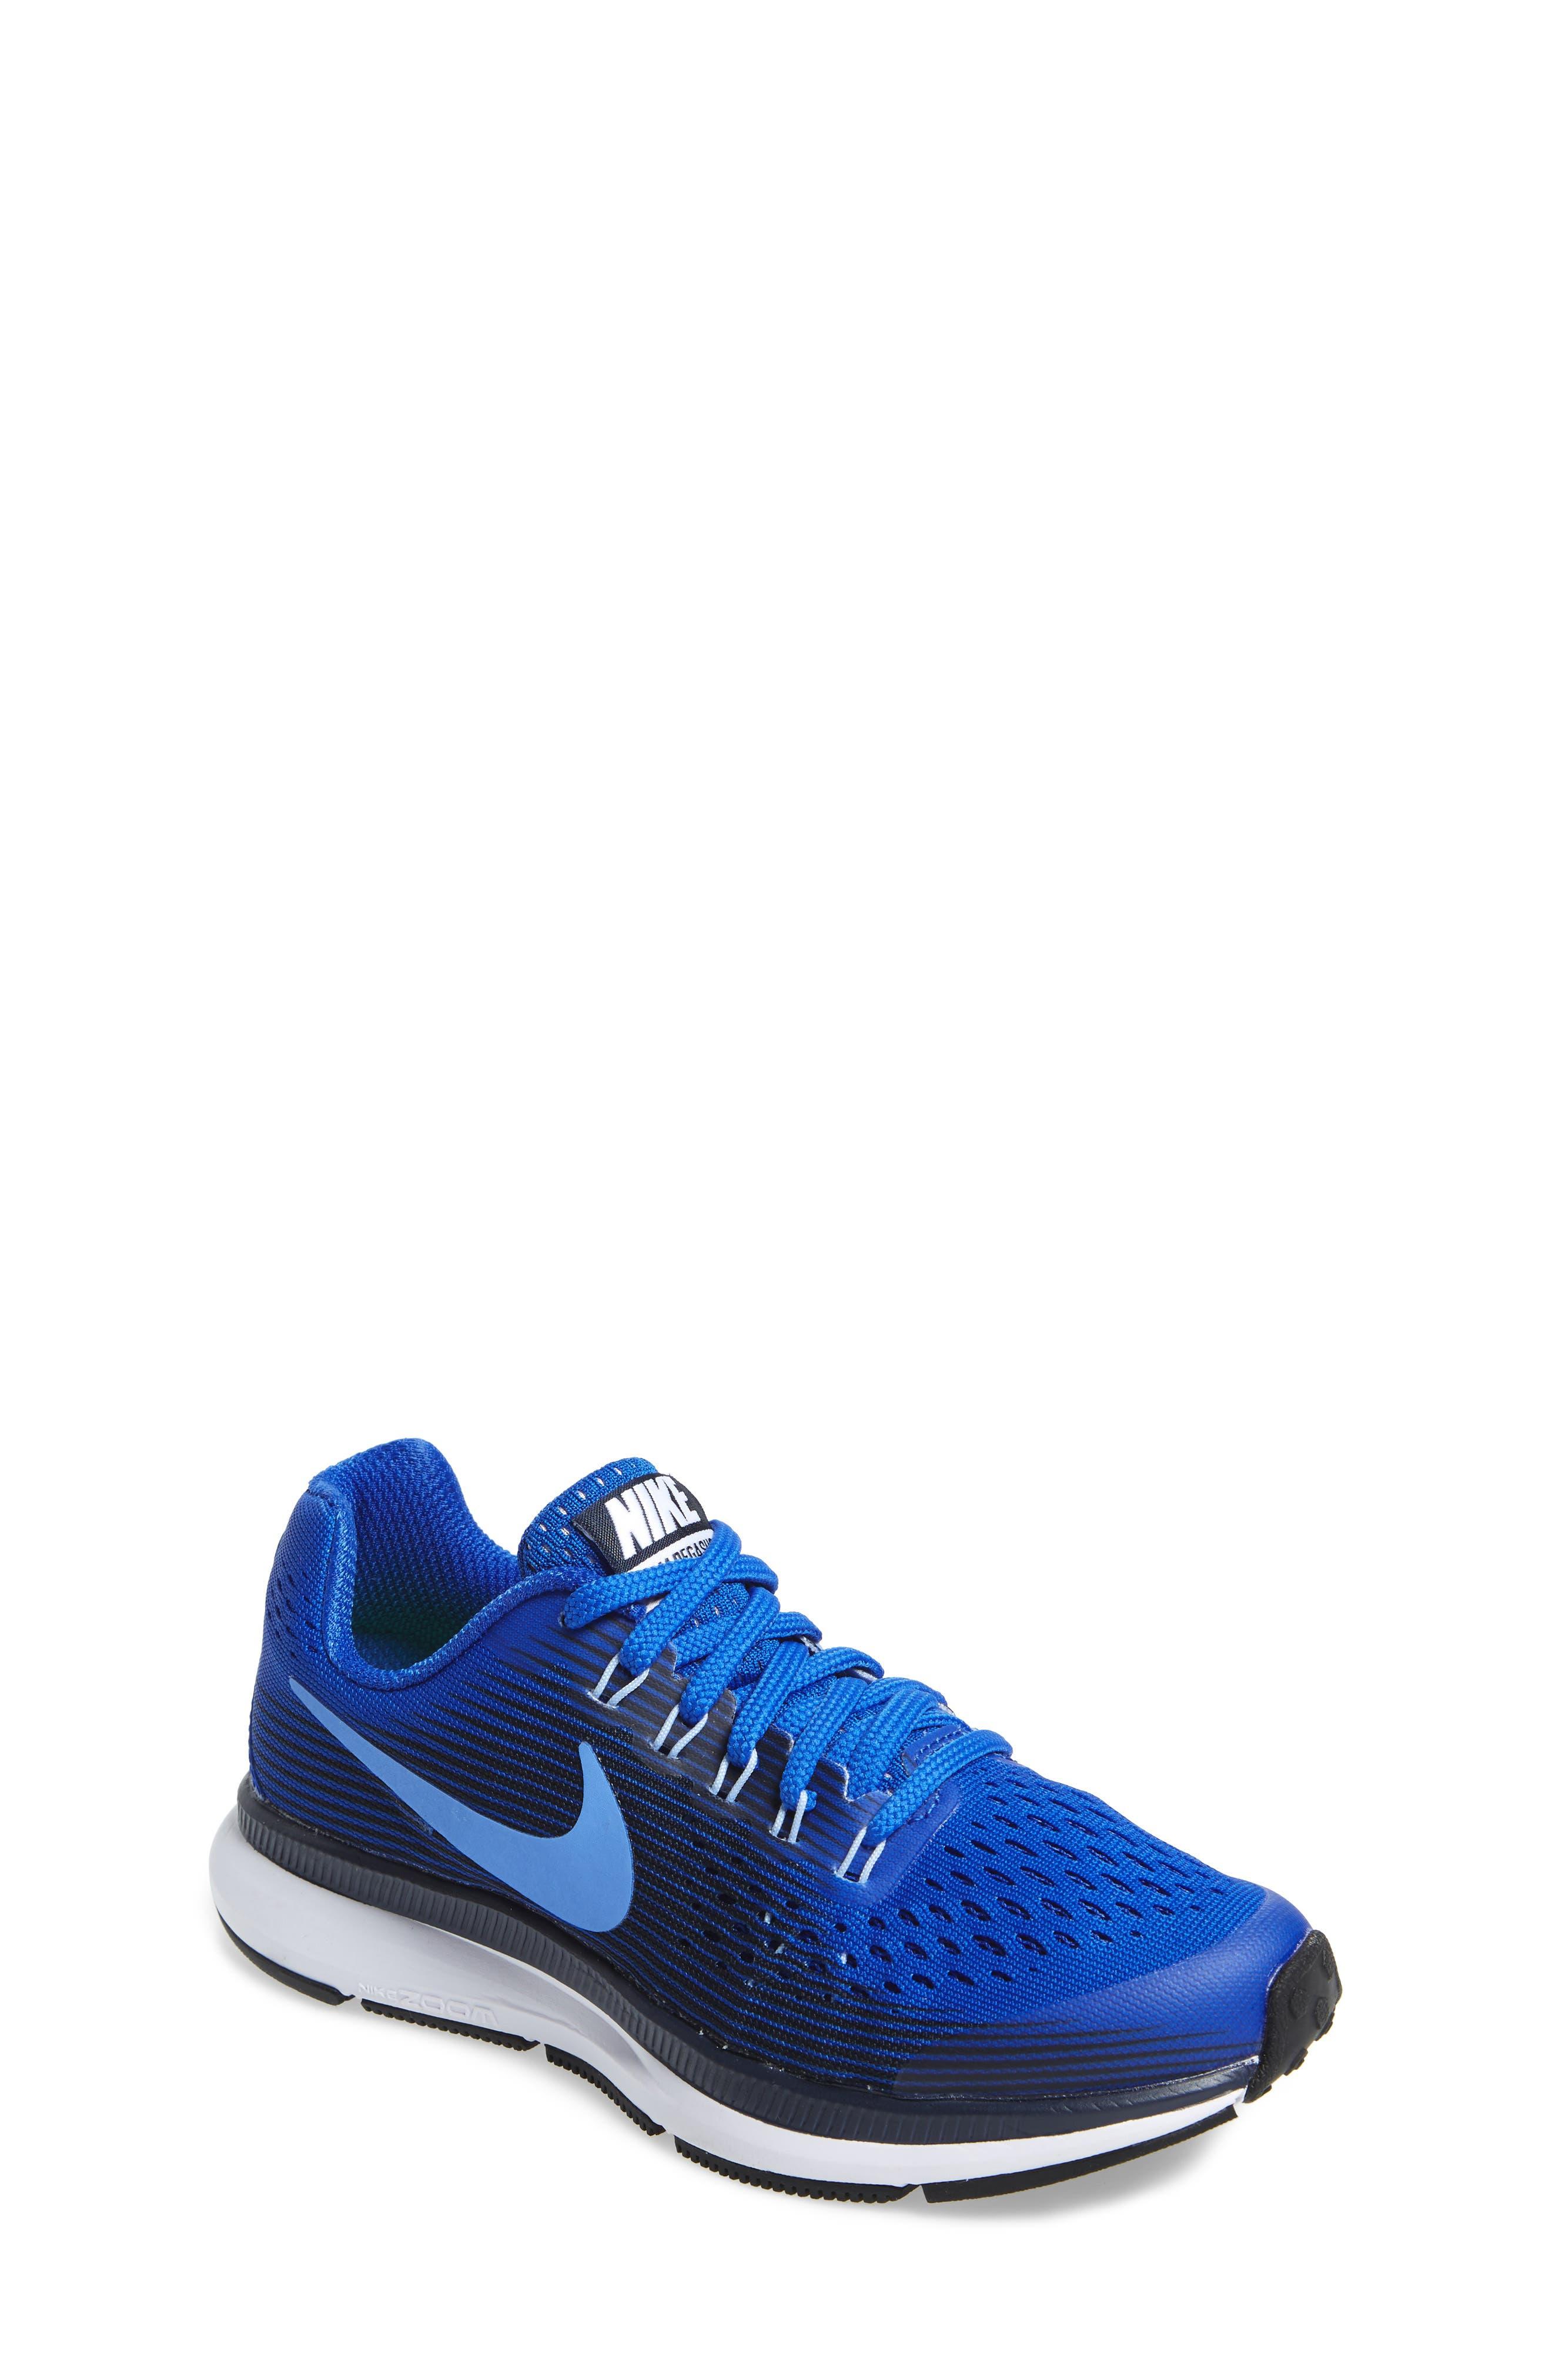 Zoom Pegasus 34 Sneaker,                         Main,                         color,